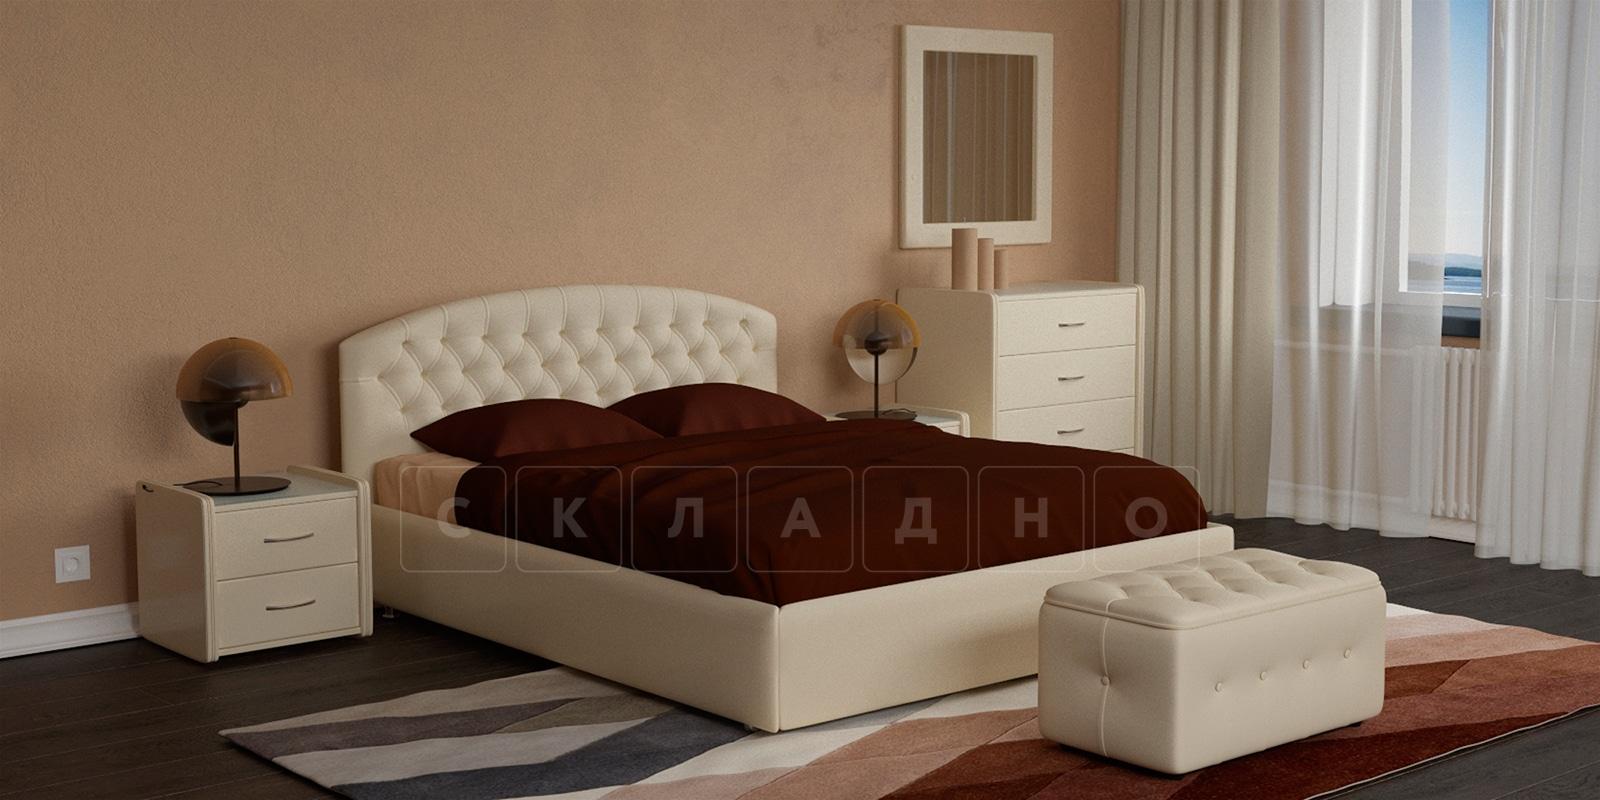 Мягкая кровать Малибу 160см экокожа бежевого цвета вариант 1-2 фото 1 | интернет-магазин Складно